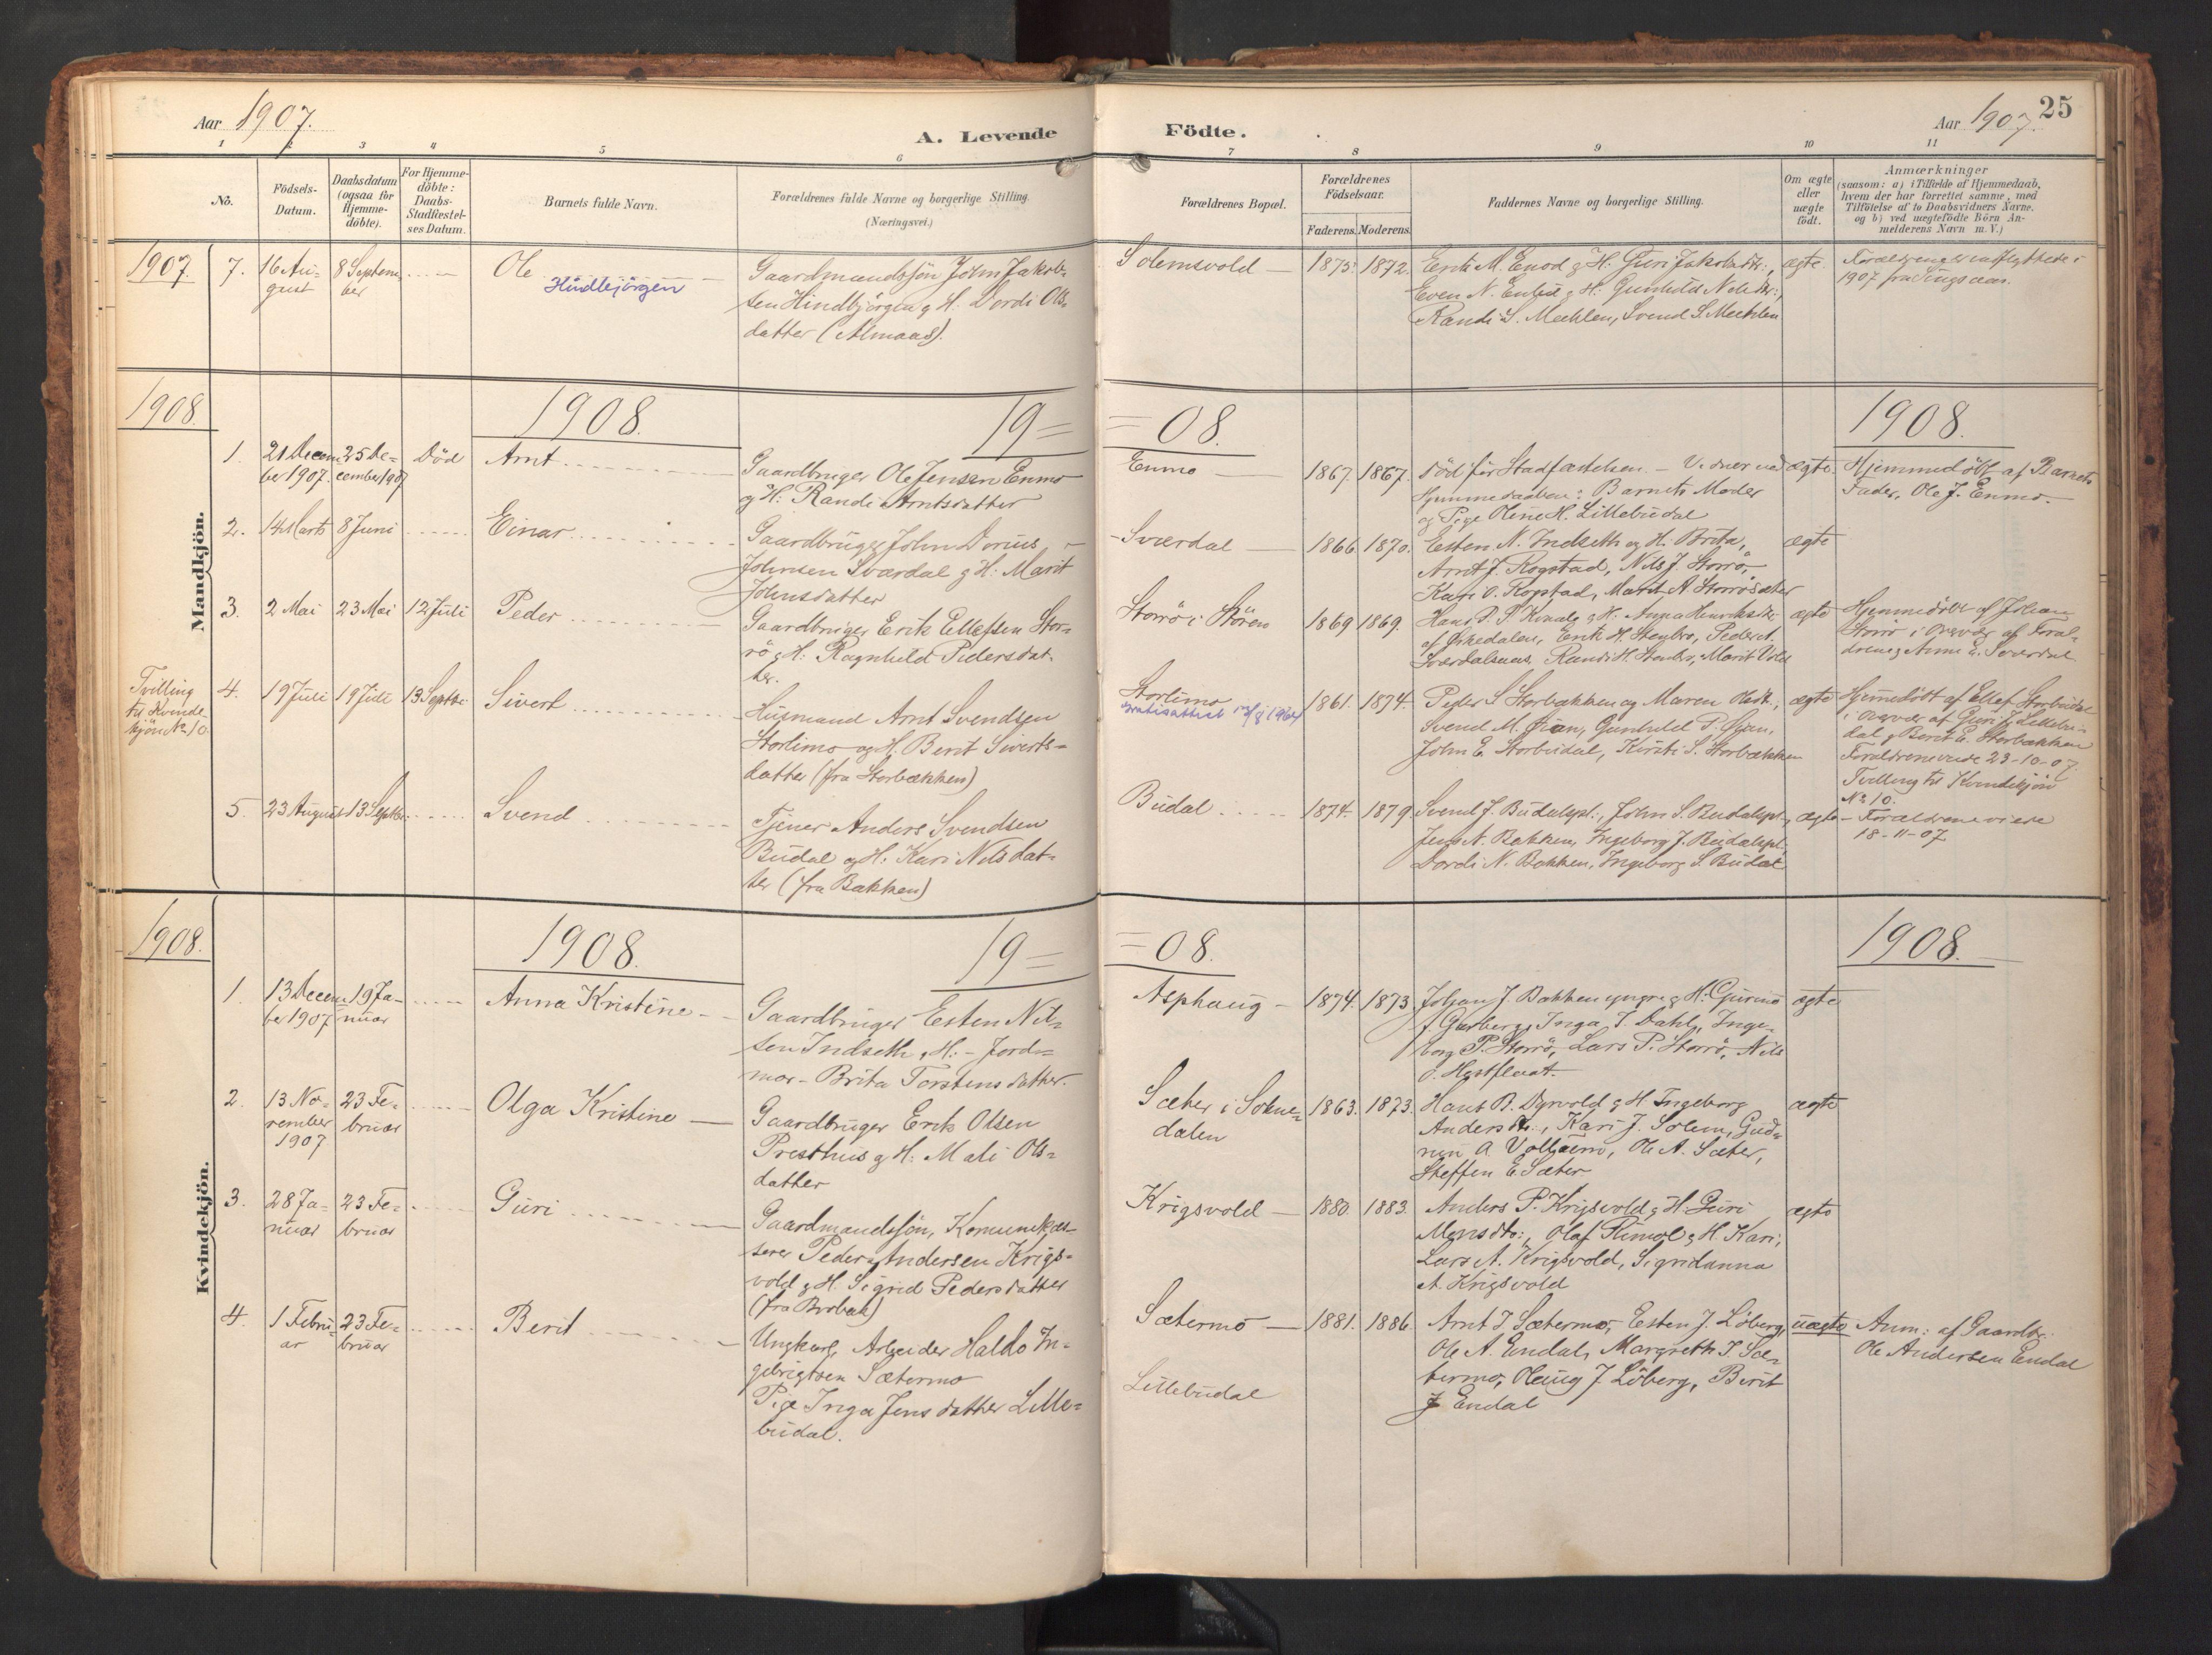 SAT, Ministerialprotokoller, klokkerbøker og fødselsregistre - Sør-Trøndelag, 690/L1050: Ministerialbok nr. 690A01, 1889-1929, s. 25